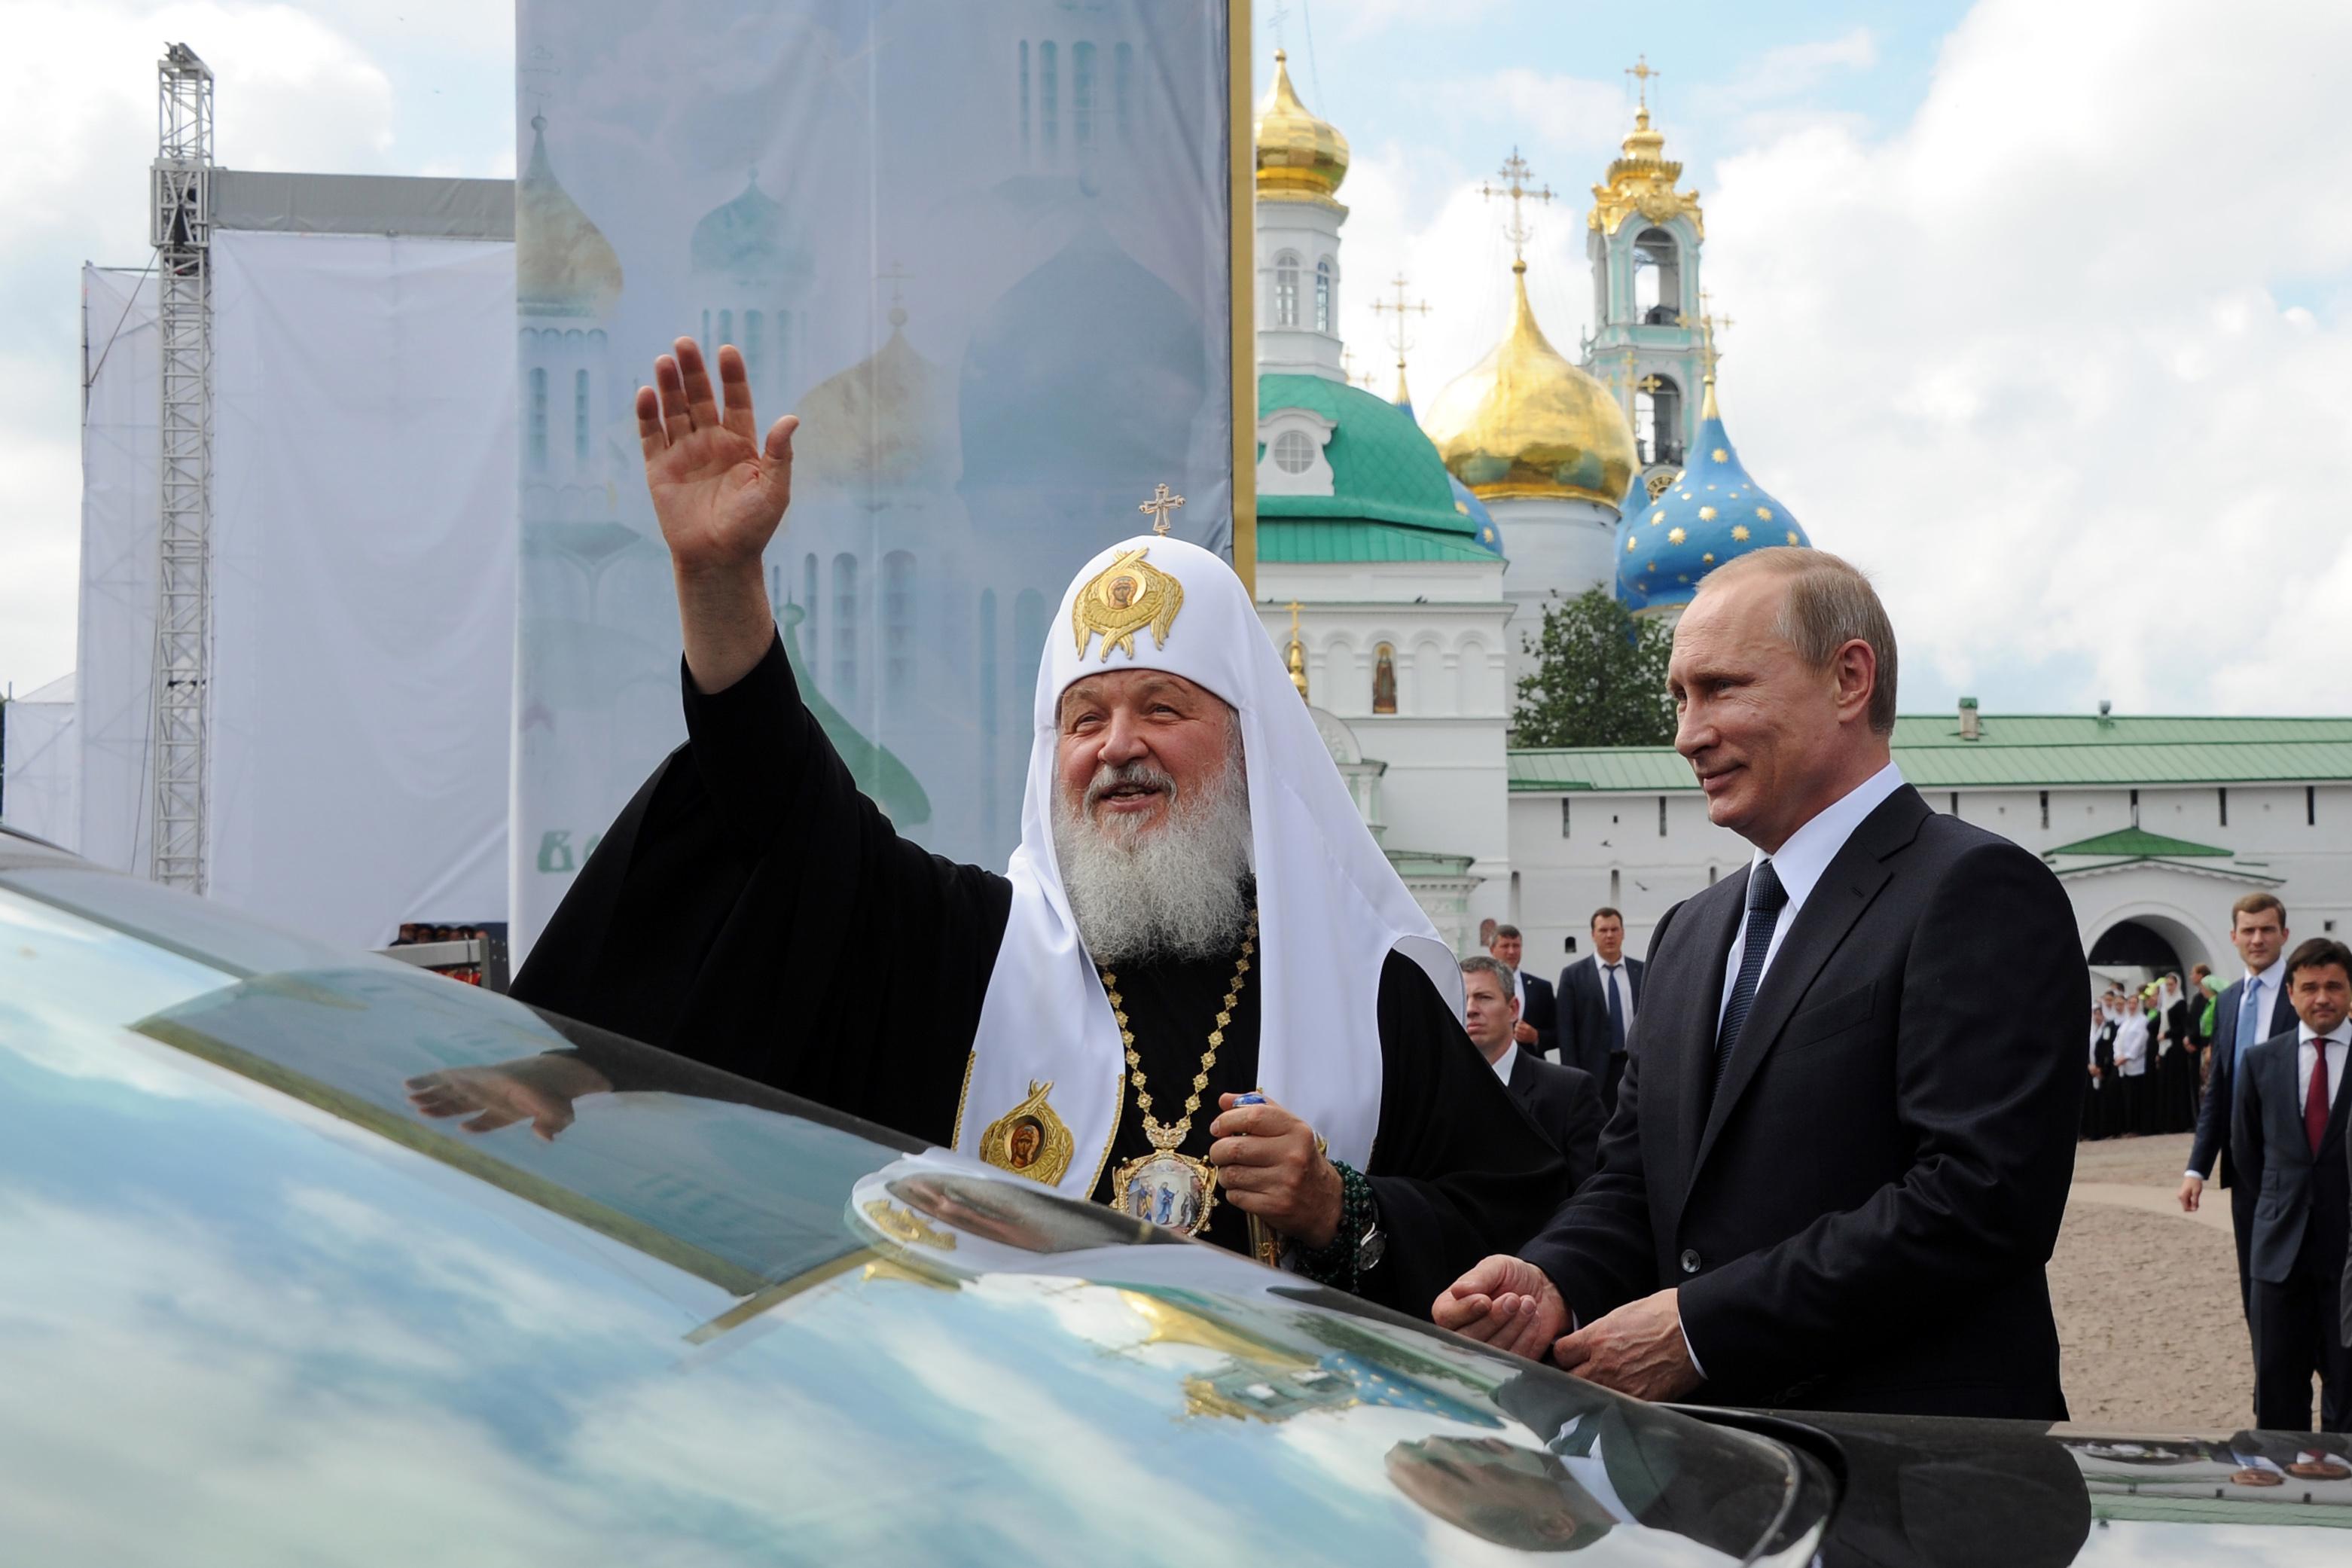 Владимир Путин и патриарх Кирилл - фото с большим разрешением